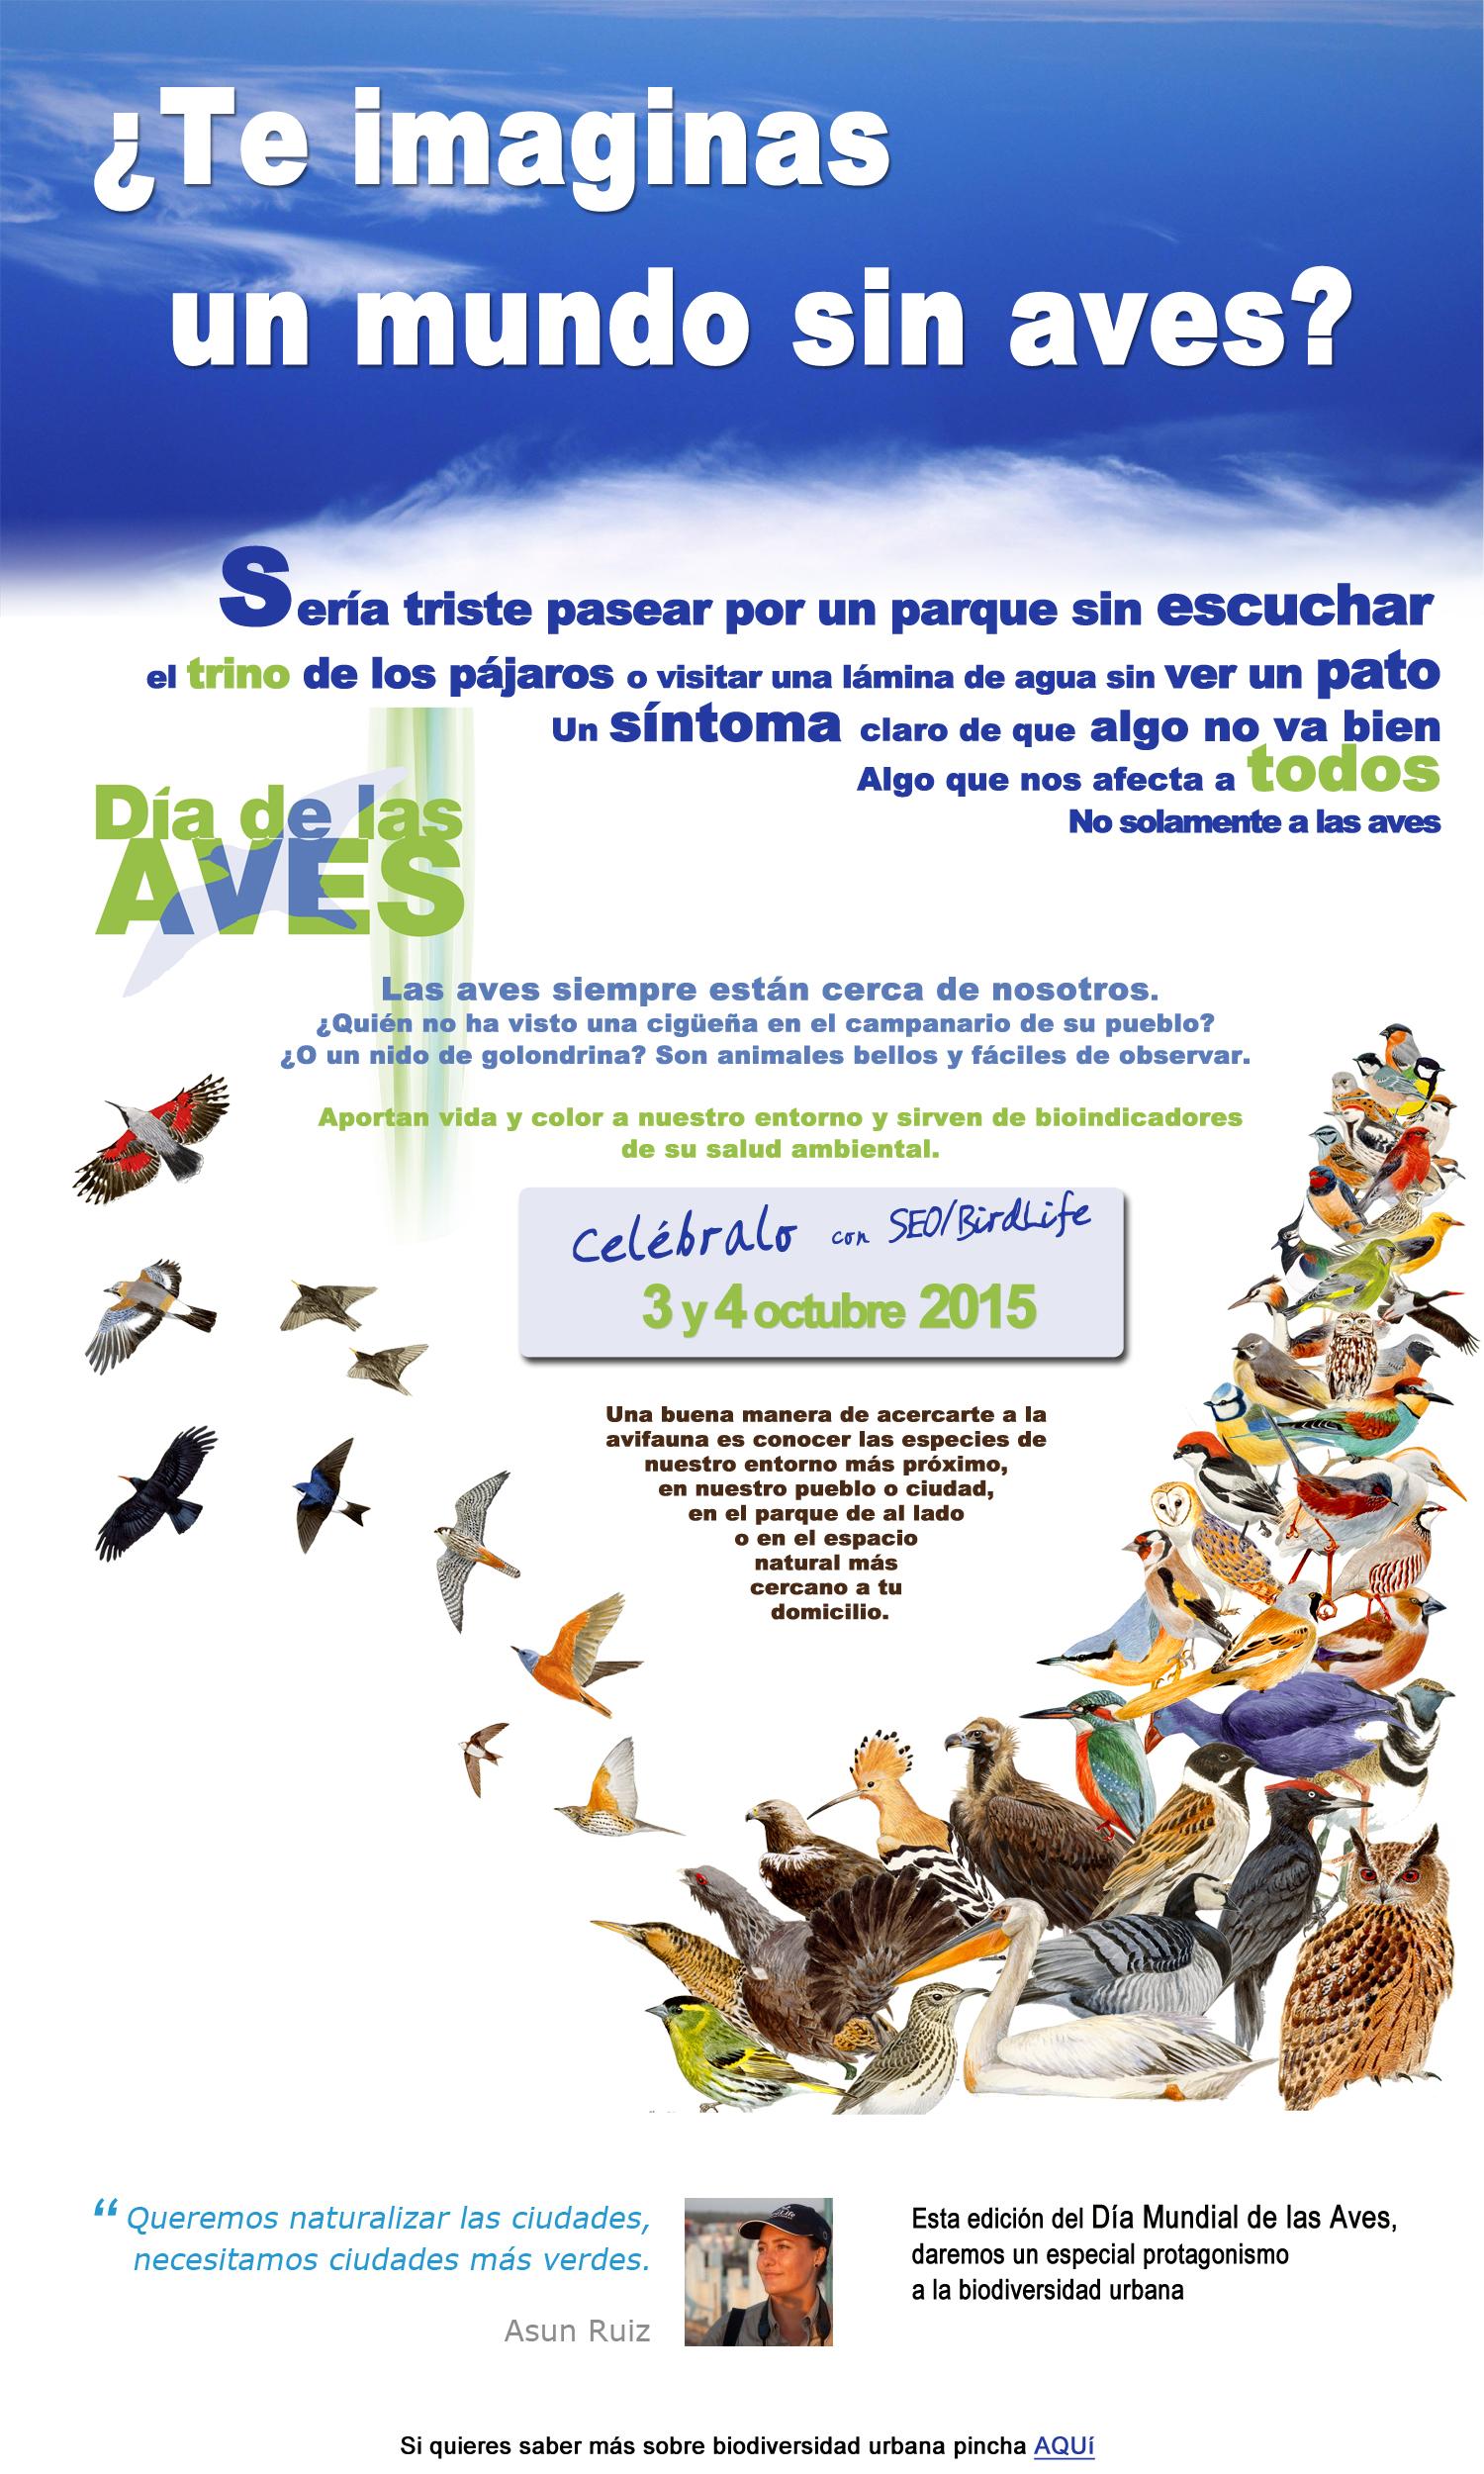 Cartel de SEO/BirdLife para este Día de las Aves 2015.